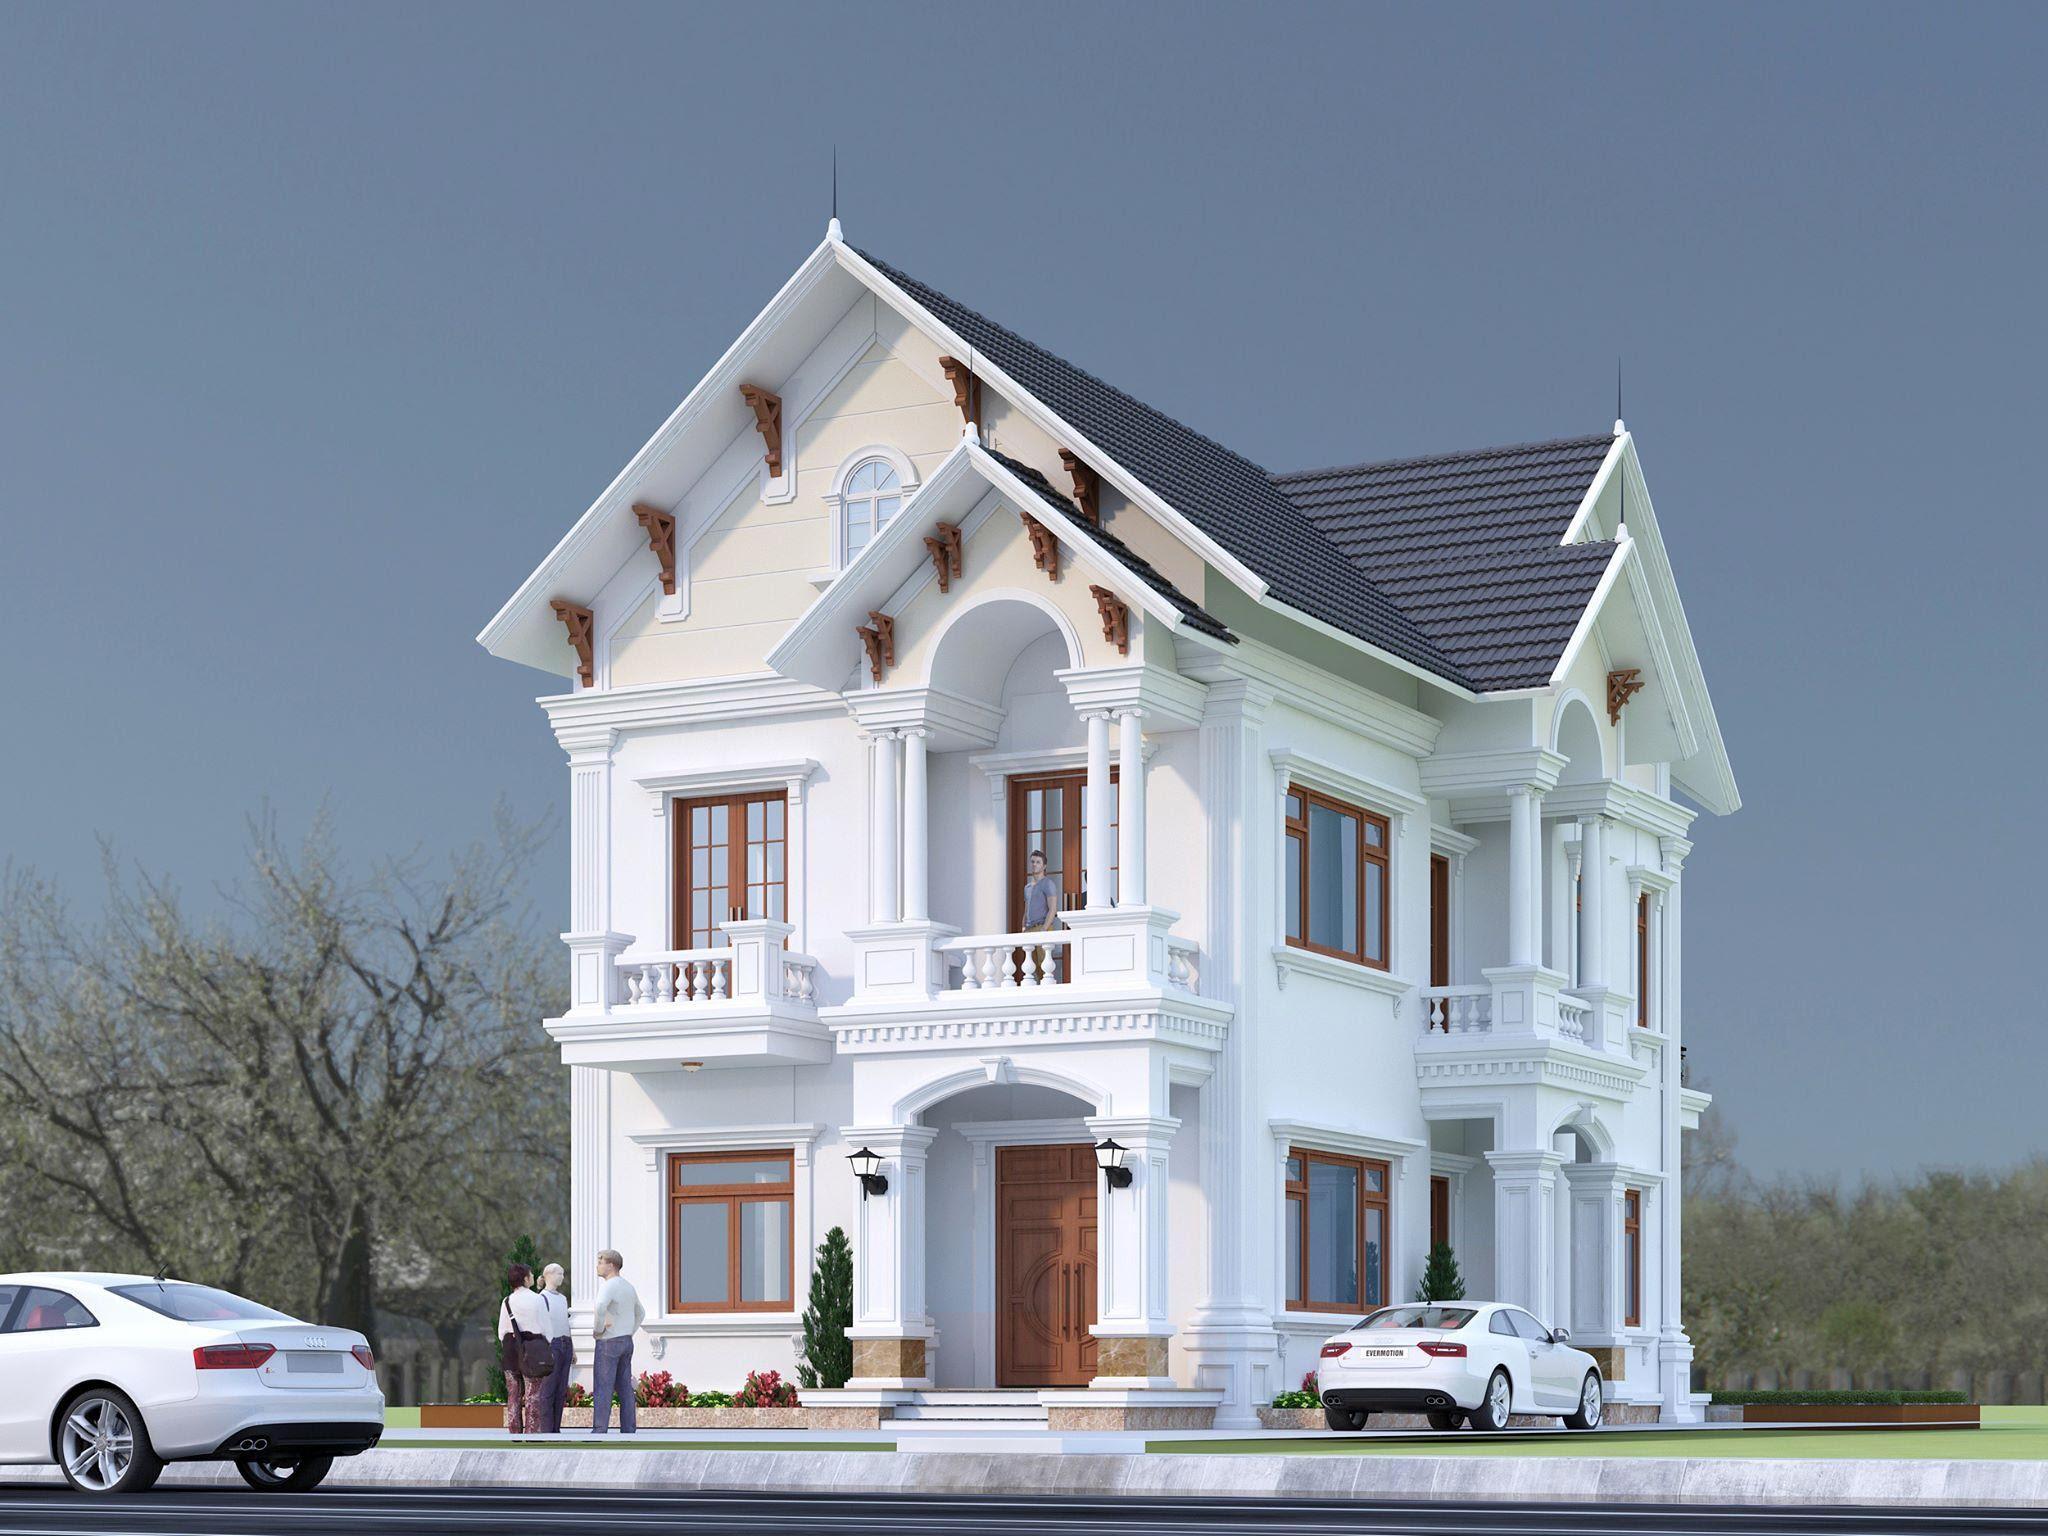 Thiết kế biết thự 2 tầng mái thái